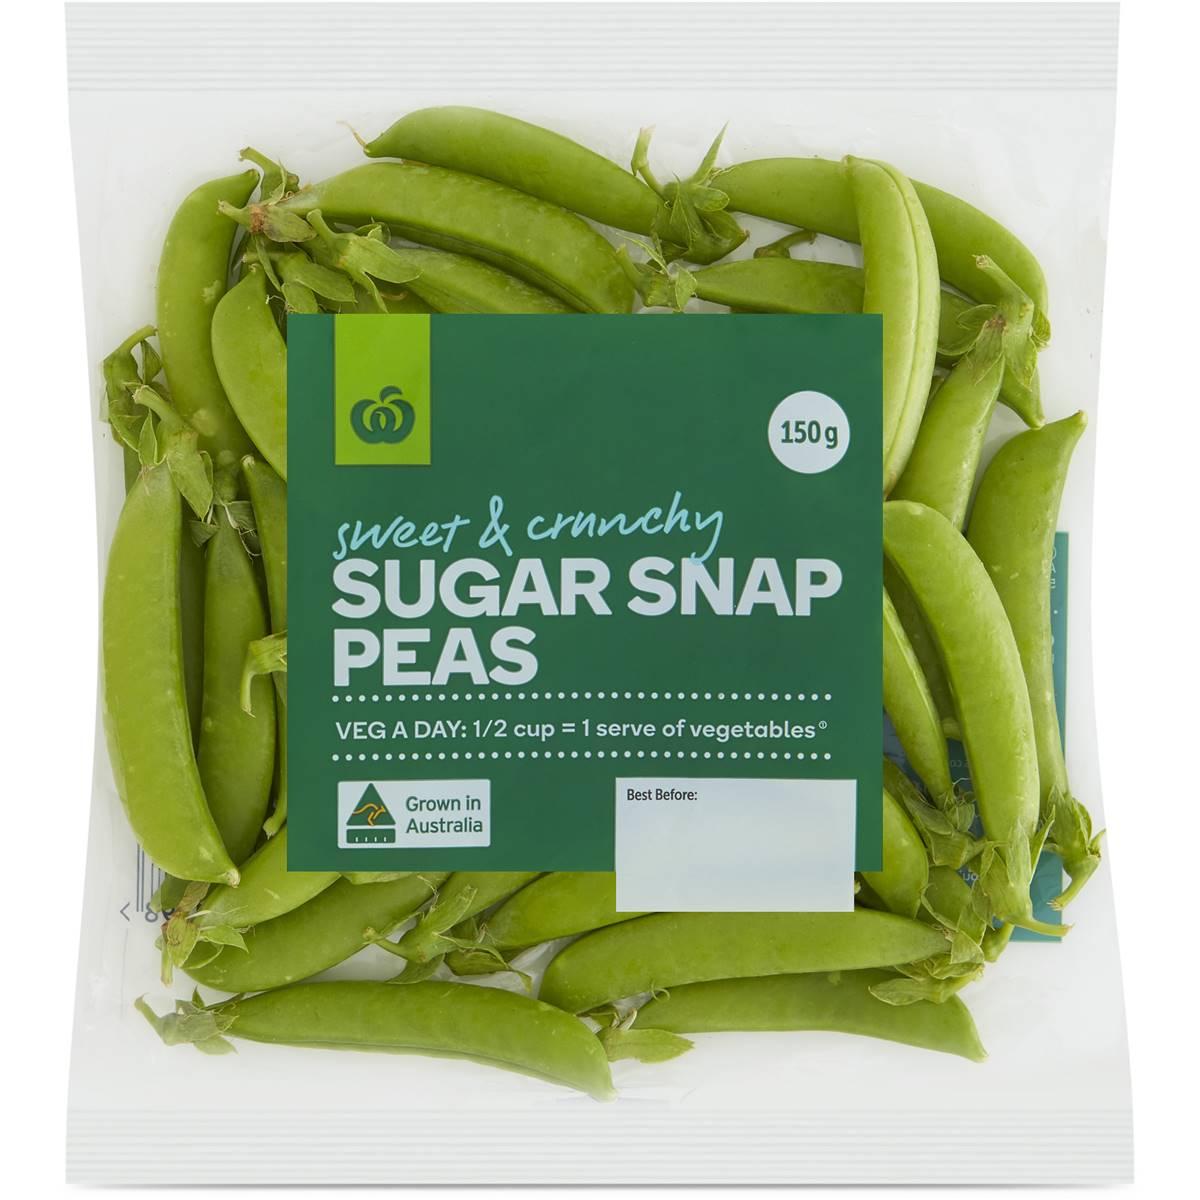 Woolworths Sugar Snap Peas